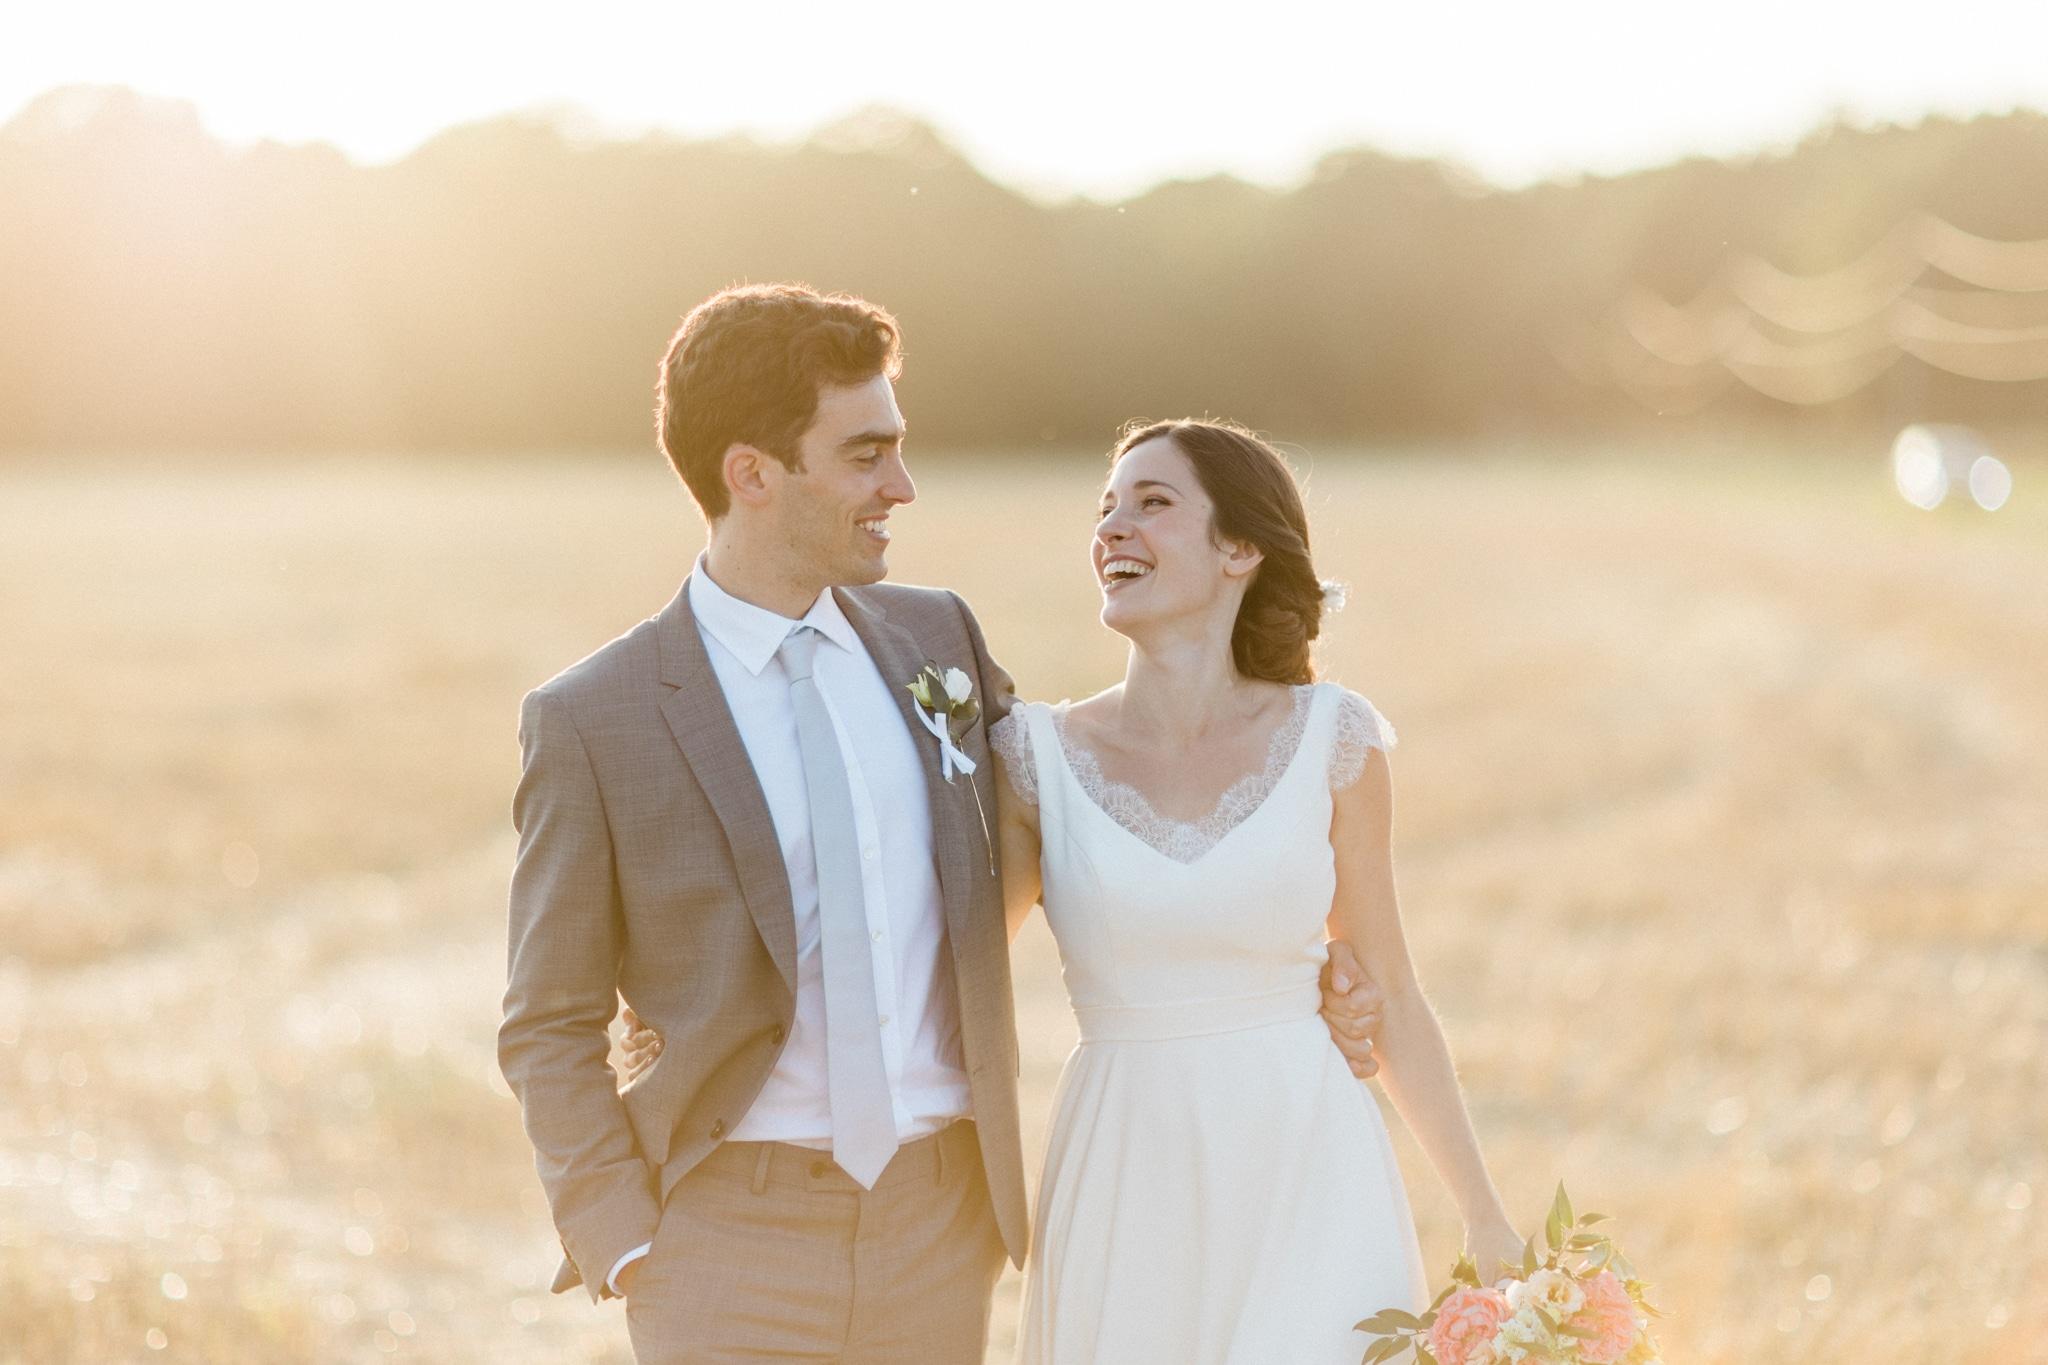 photographe mariage lumineux naturel fine art